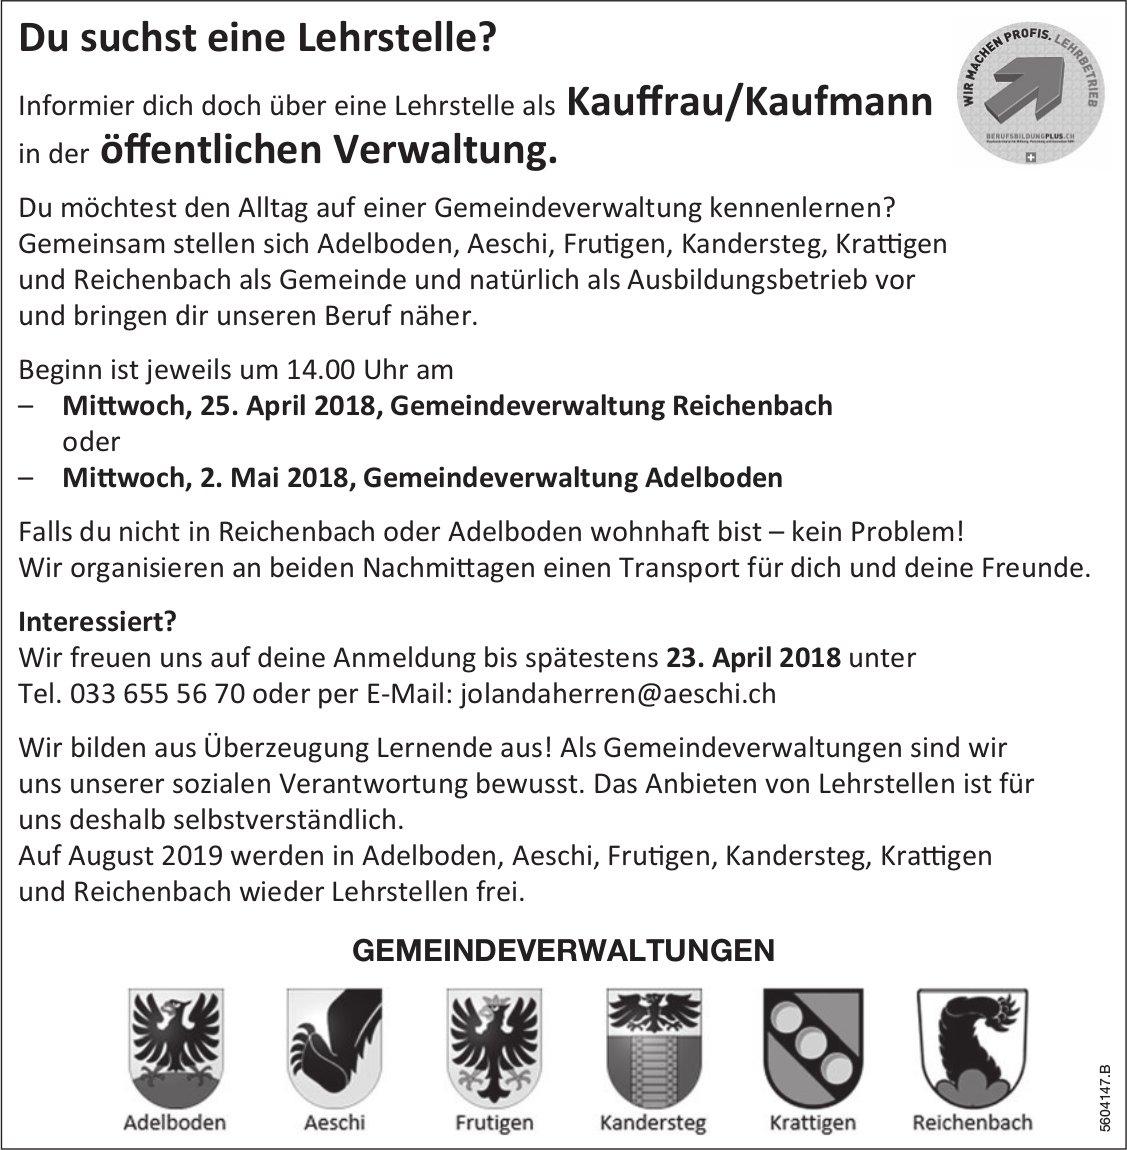 Infos überLehrstelle als Kauffrau/Kaufmann in der öffentlichen Verwaltung, 25.4./2.5.